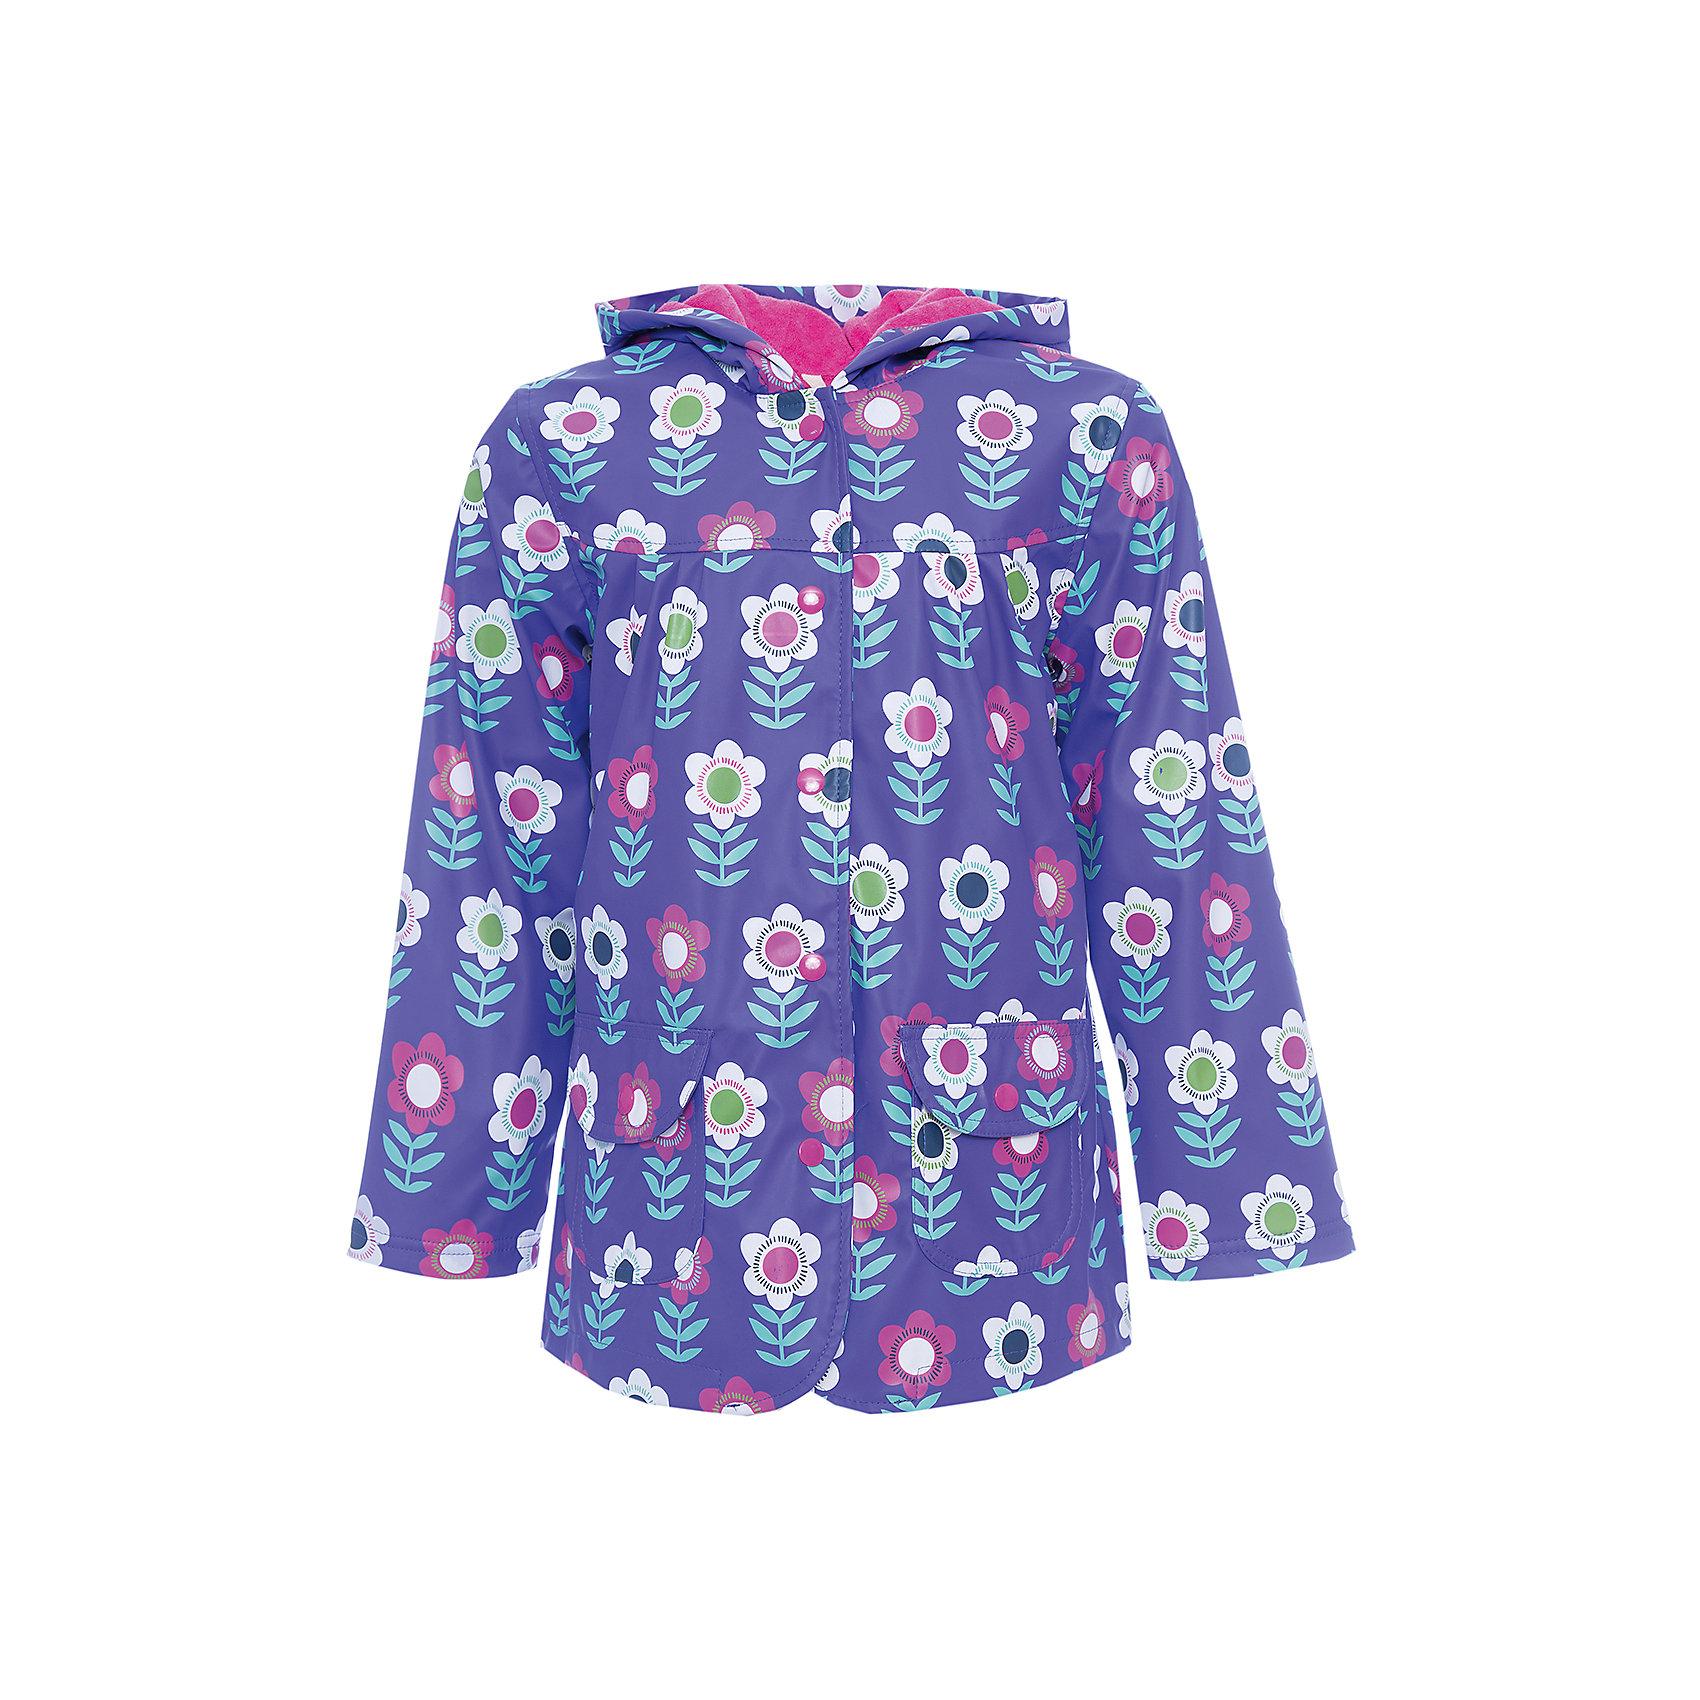 Плащ для девочки HatleyВерхняя одежда<br>Плащ для девочки Hatley<br><br>Характеристики:<br><br>• Состав: верх - 100%полиуретан, подкладка -100% полиэстер<br>• Цвет: фиолетовый, красный<br><br>Красивый и яркий плащ с уникальным дизайном не оставит ребенка равнодушным. У плаща два небольших кармана, удобный капюшон и крючок, чтобы повесить вещь на вешалку. Внутри плаща махровая подкладка, которая придает дополнительное тепло. Застегивается плащ на пуговки, которые может застегнуть ребенок самостоятельно. <br><br>Плащ для девочки Hatley можно купить в нашем интернет-магазине.<br><br>Ширина мм: 356<br>Глубина мм: 10<br>Высота мм: 245<br>Вес г: 519<br>Цвет: лиловый<br>Возраст от месяцев: 48<br>Возраст до месяцев: 60<br>Пол: Женский<br>Возраст: Детский<br>Размер: 110,104,92,128,116,122<br>SKU: 5020750